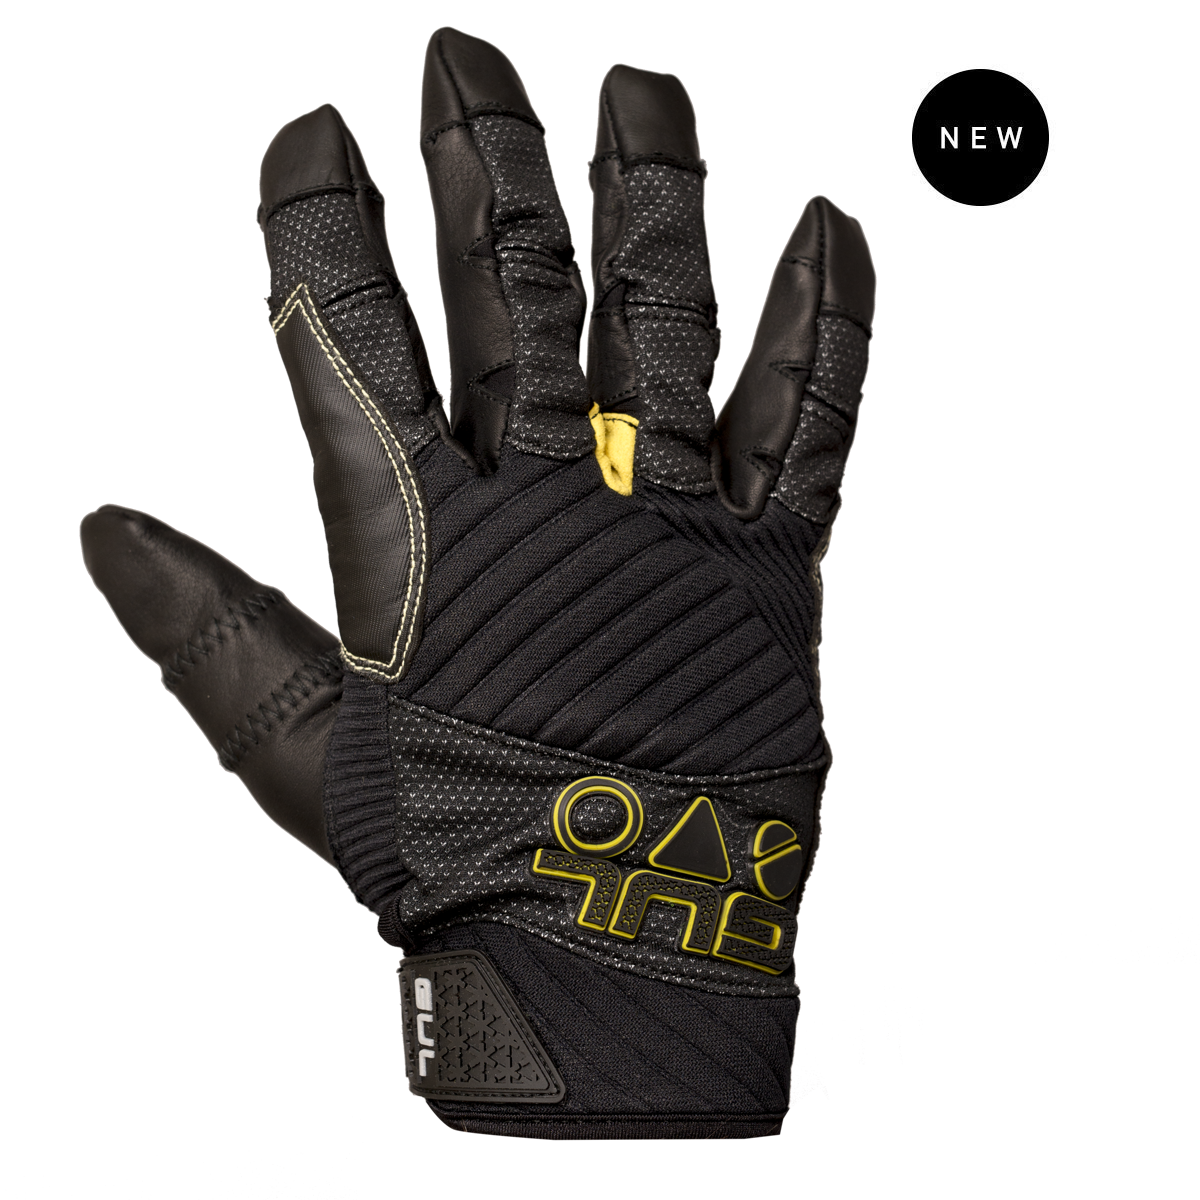 Evo Pro Full Finger Glove   Gl1301-B4